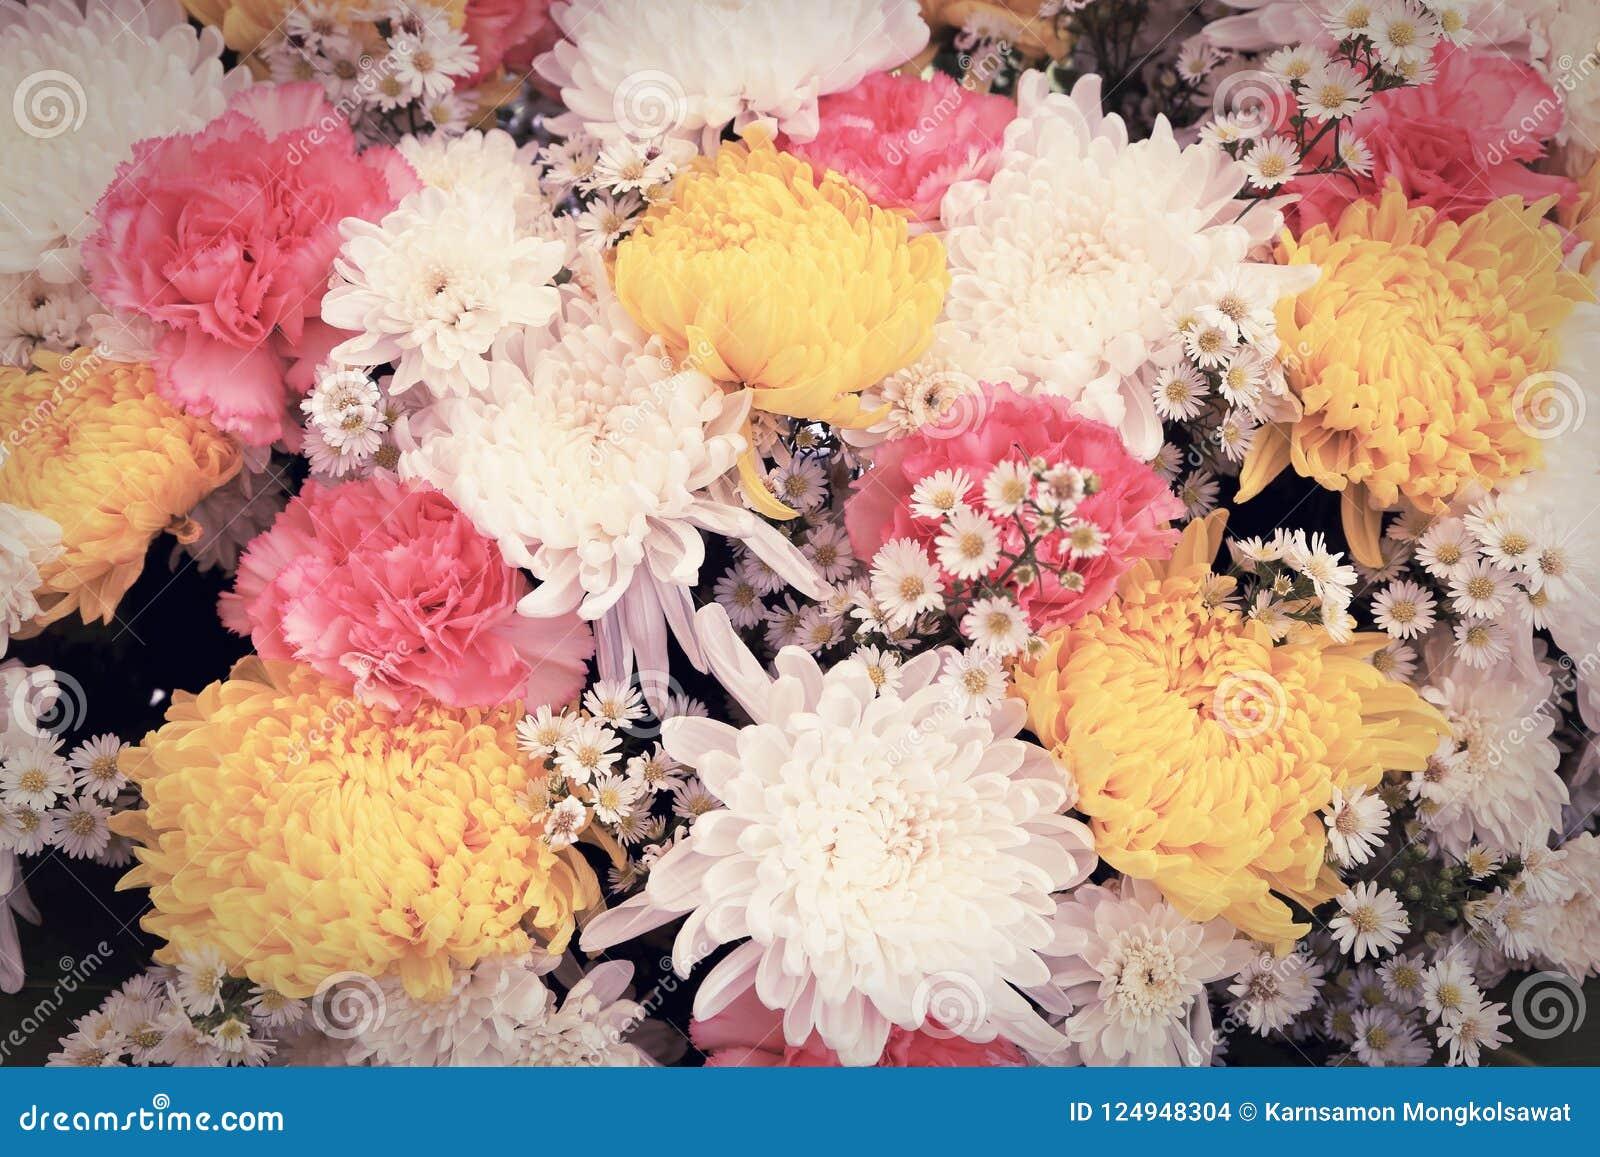 Flores coloridas dispuestas como imagen de fondo natural con los flores blancos, amarillos y rosados Ramo floral entonado vintage